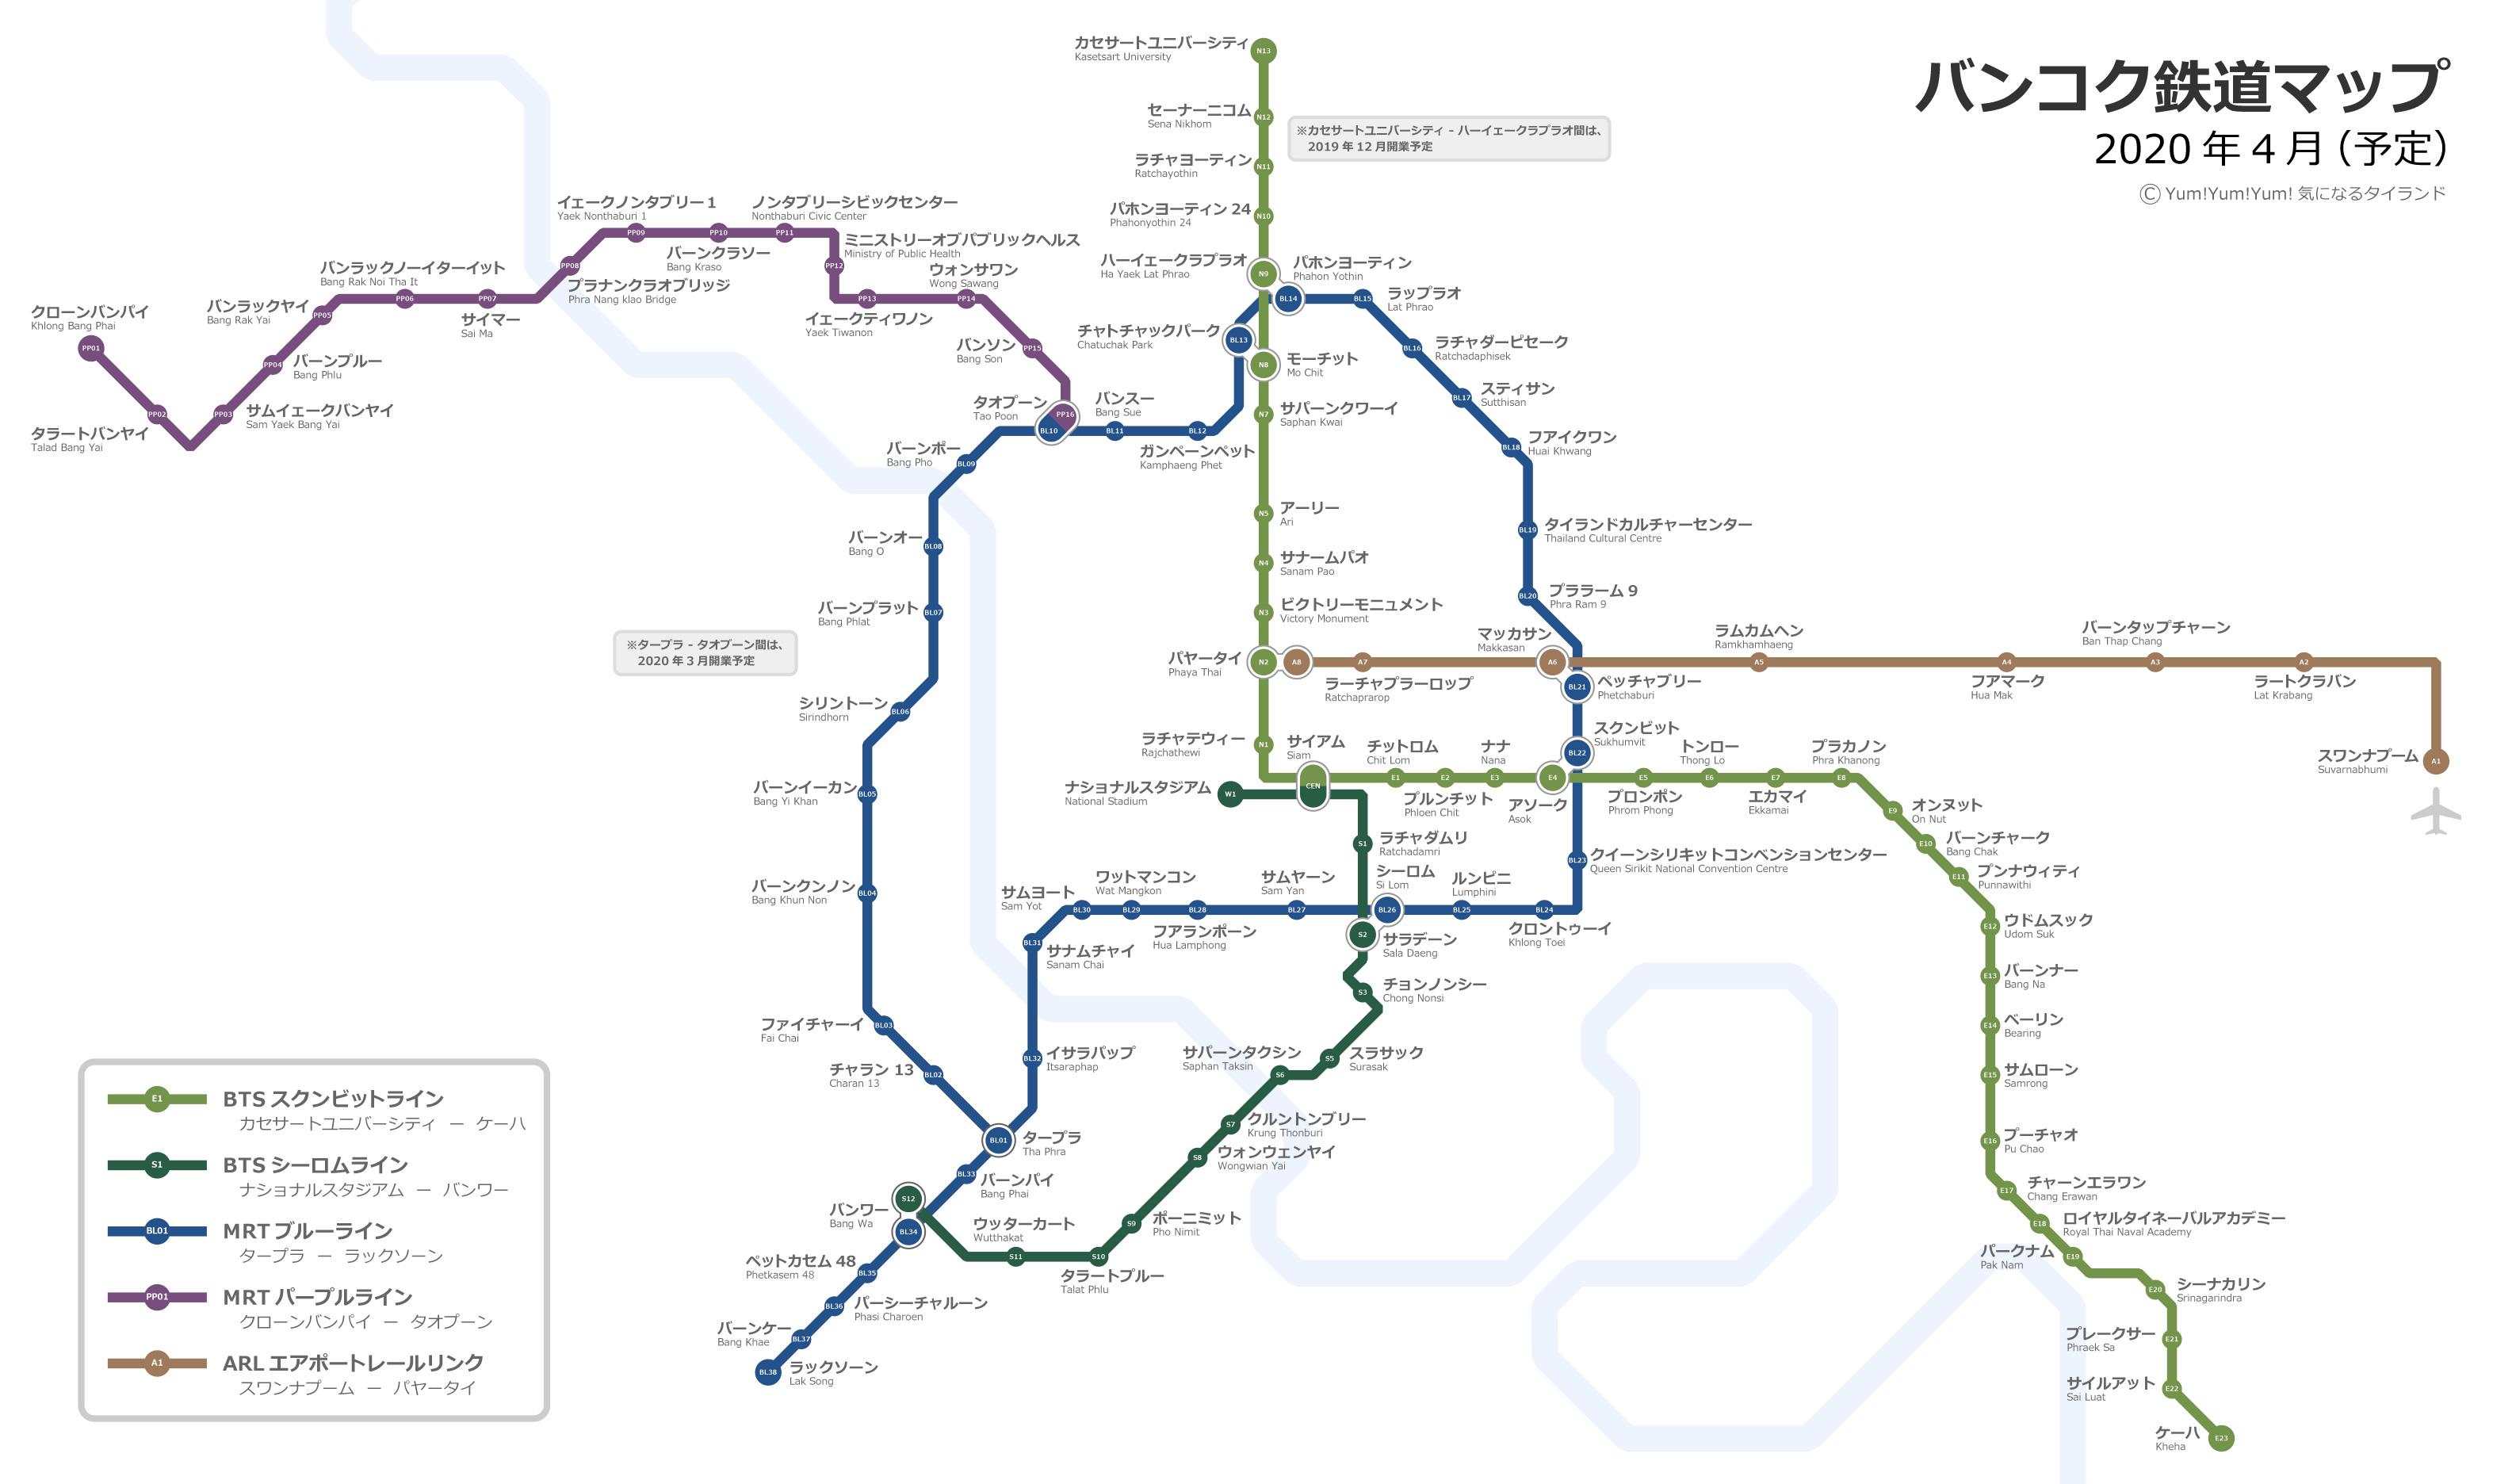 2019-2020年最新版バンコクBTS、MRT、ARL路線図2019年10月